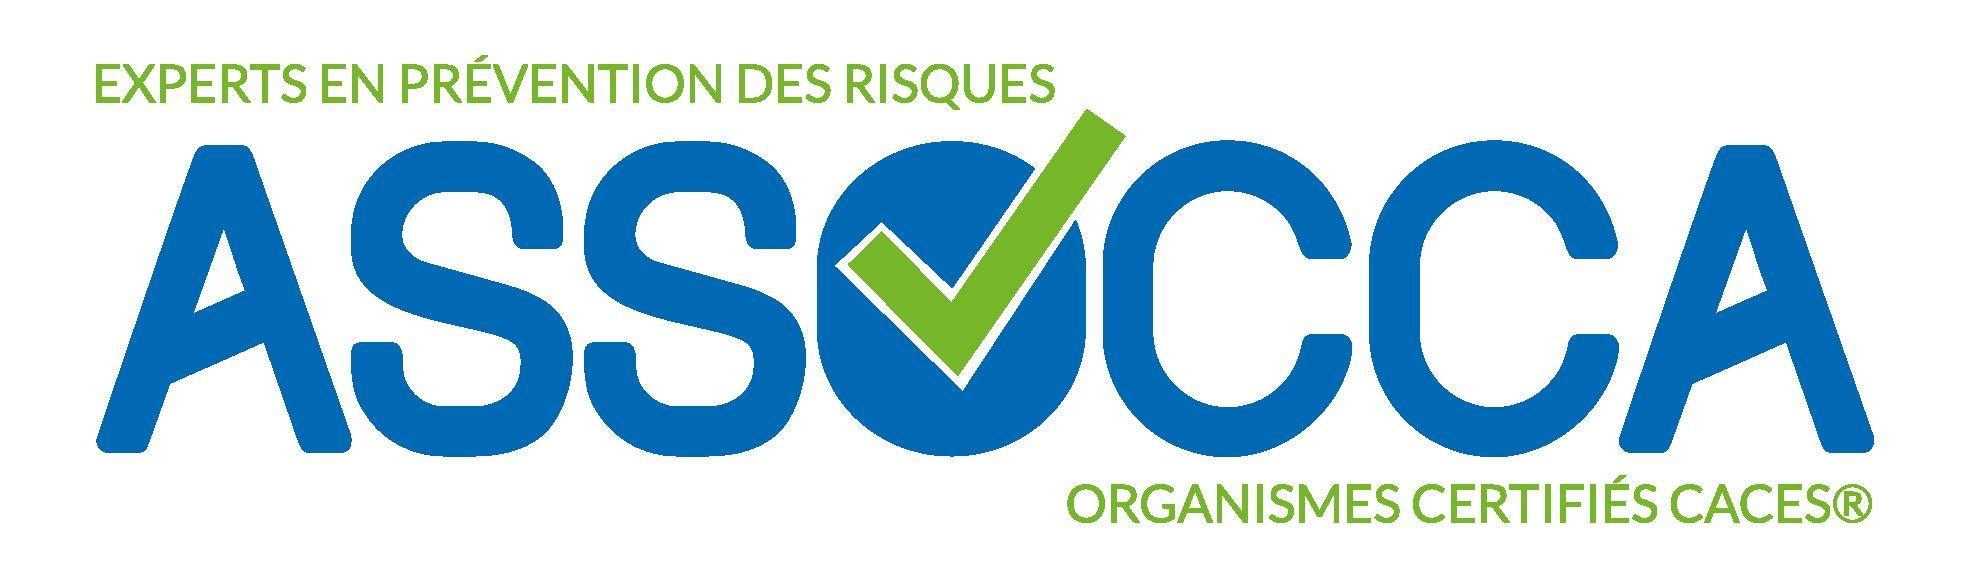 Assocca-Logo2016